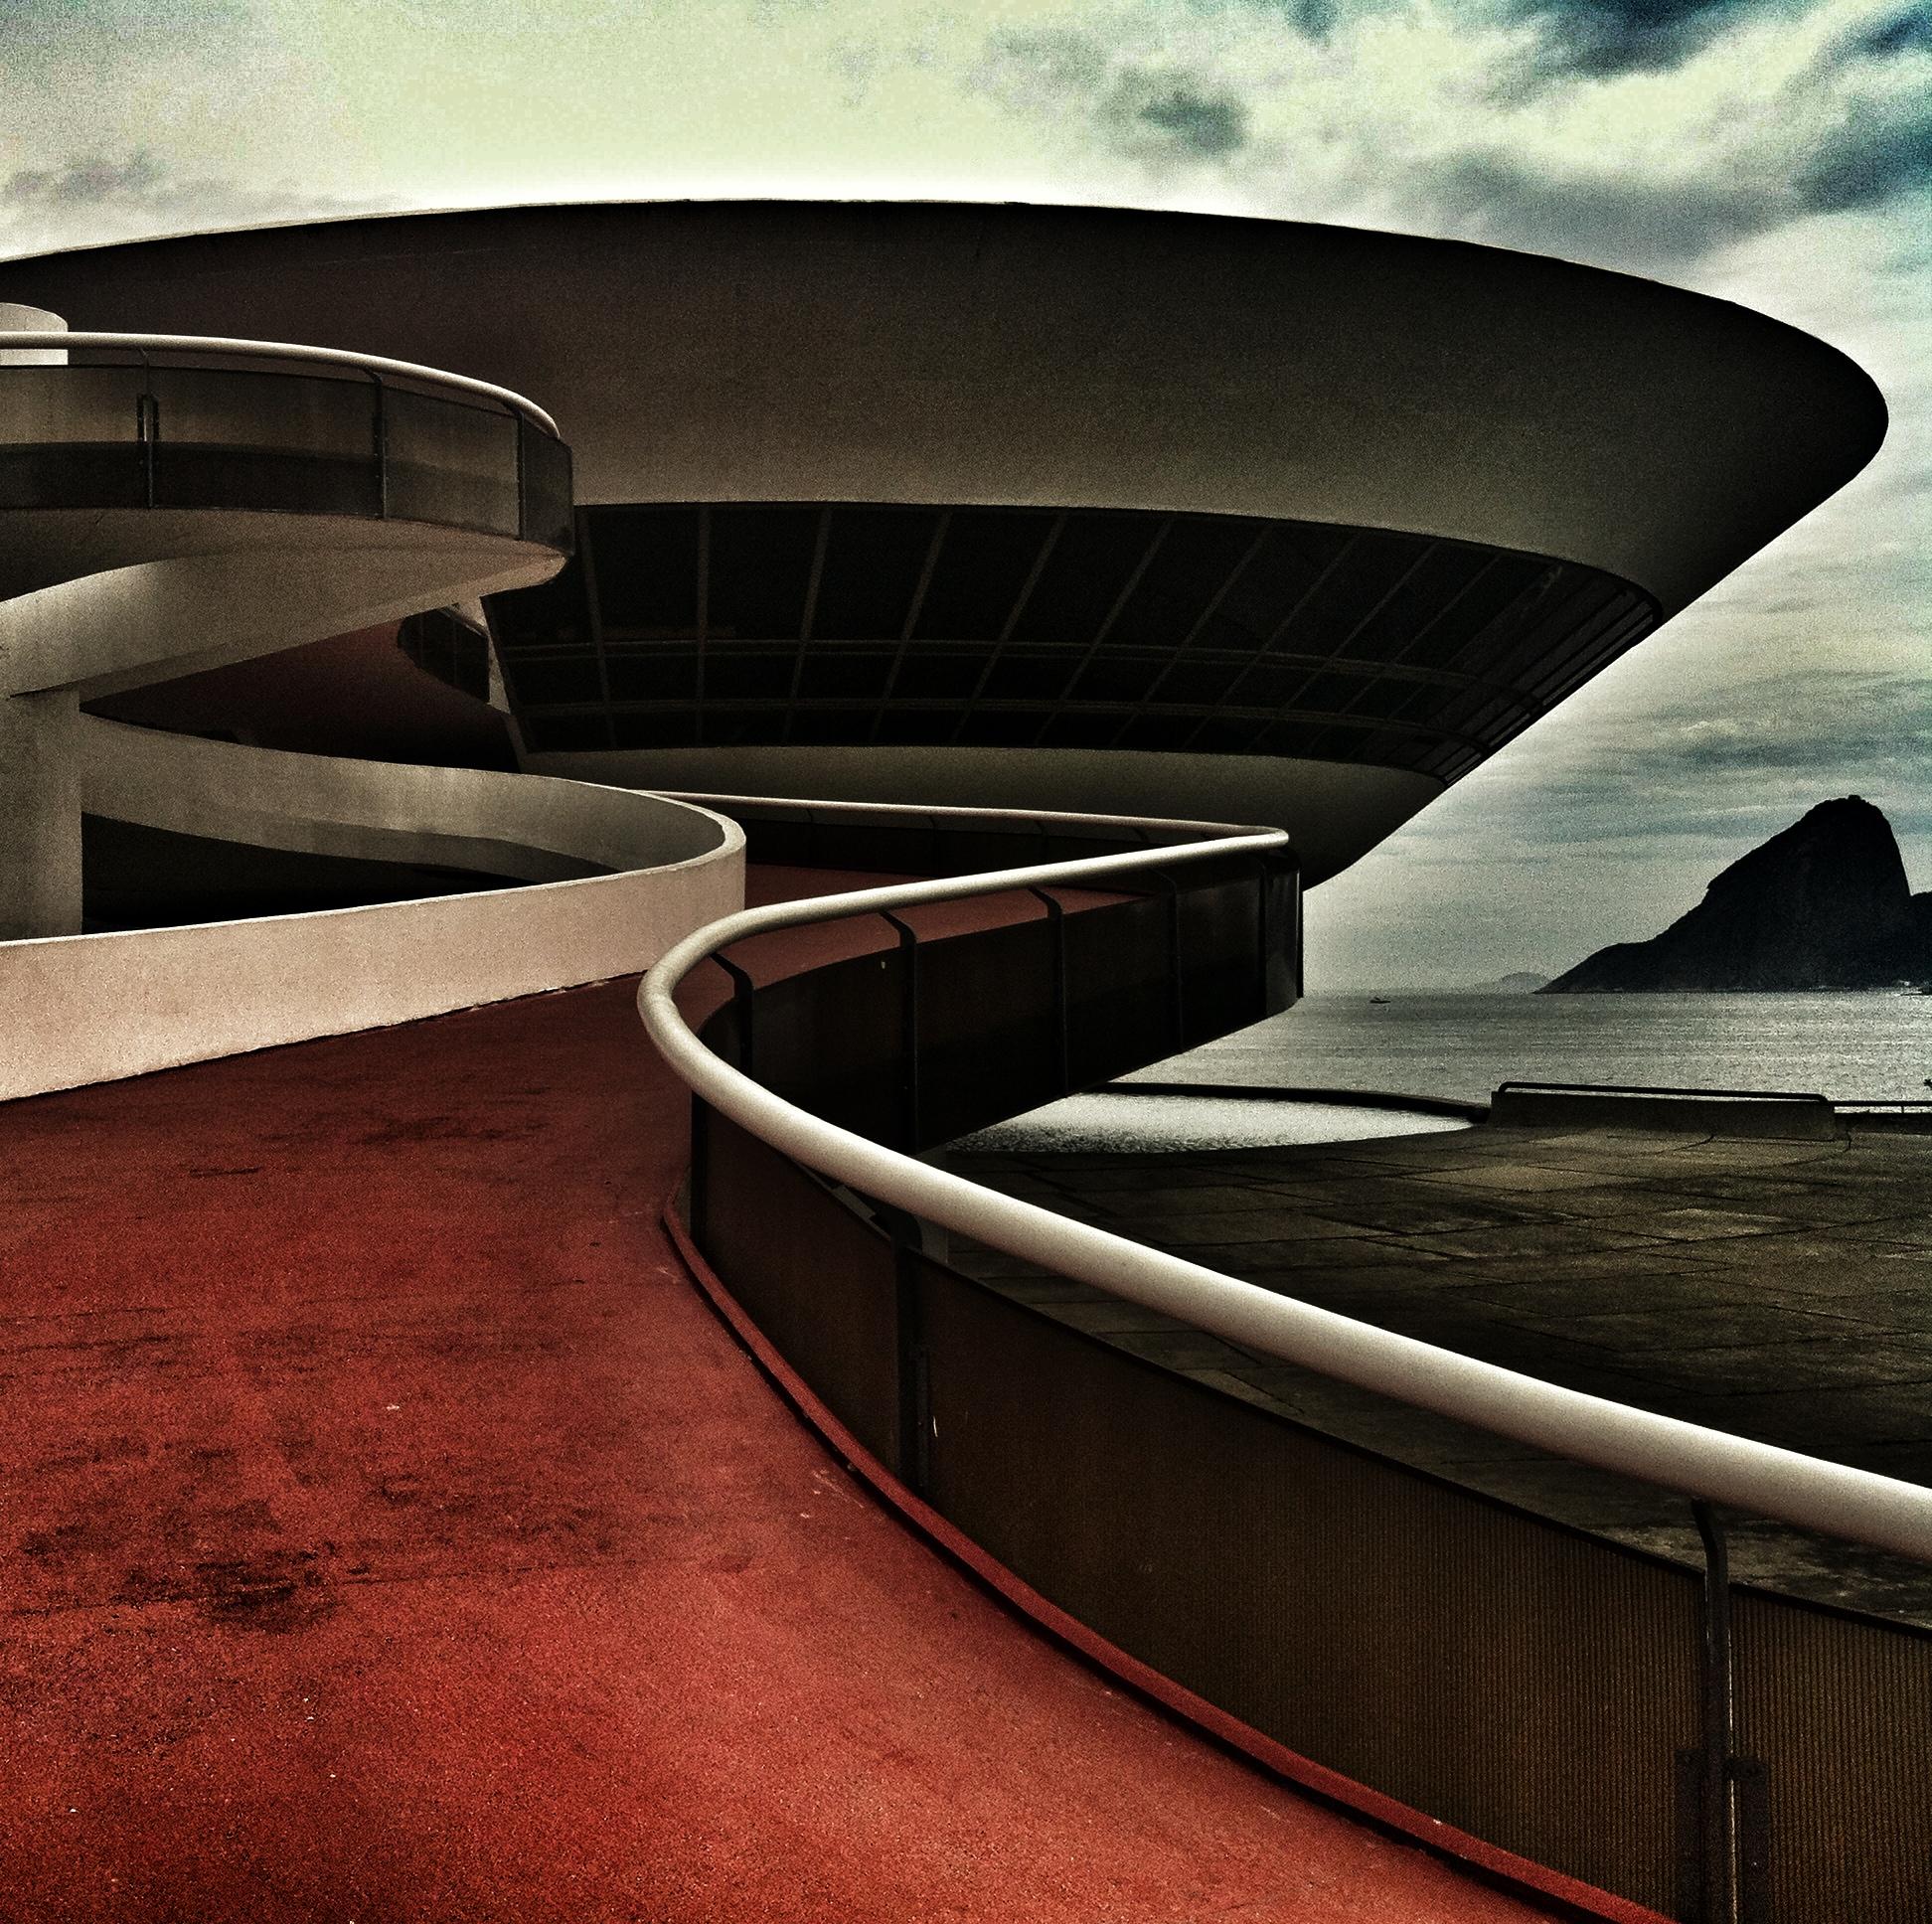 Origens de uma Arquitetura Moderna Brasileira, © David Assael